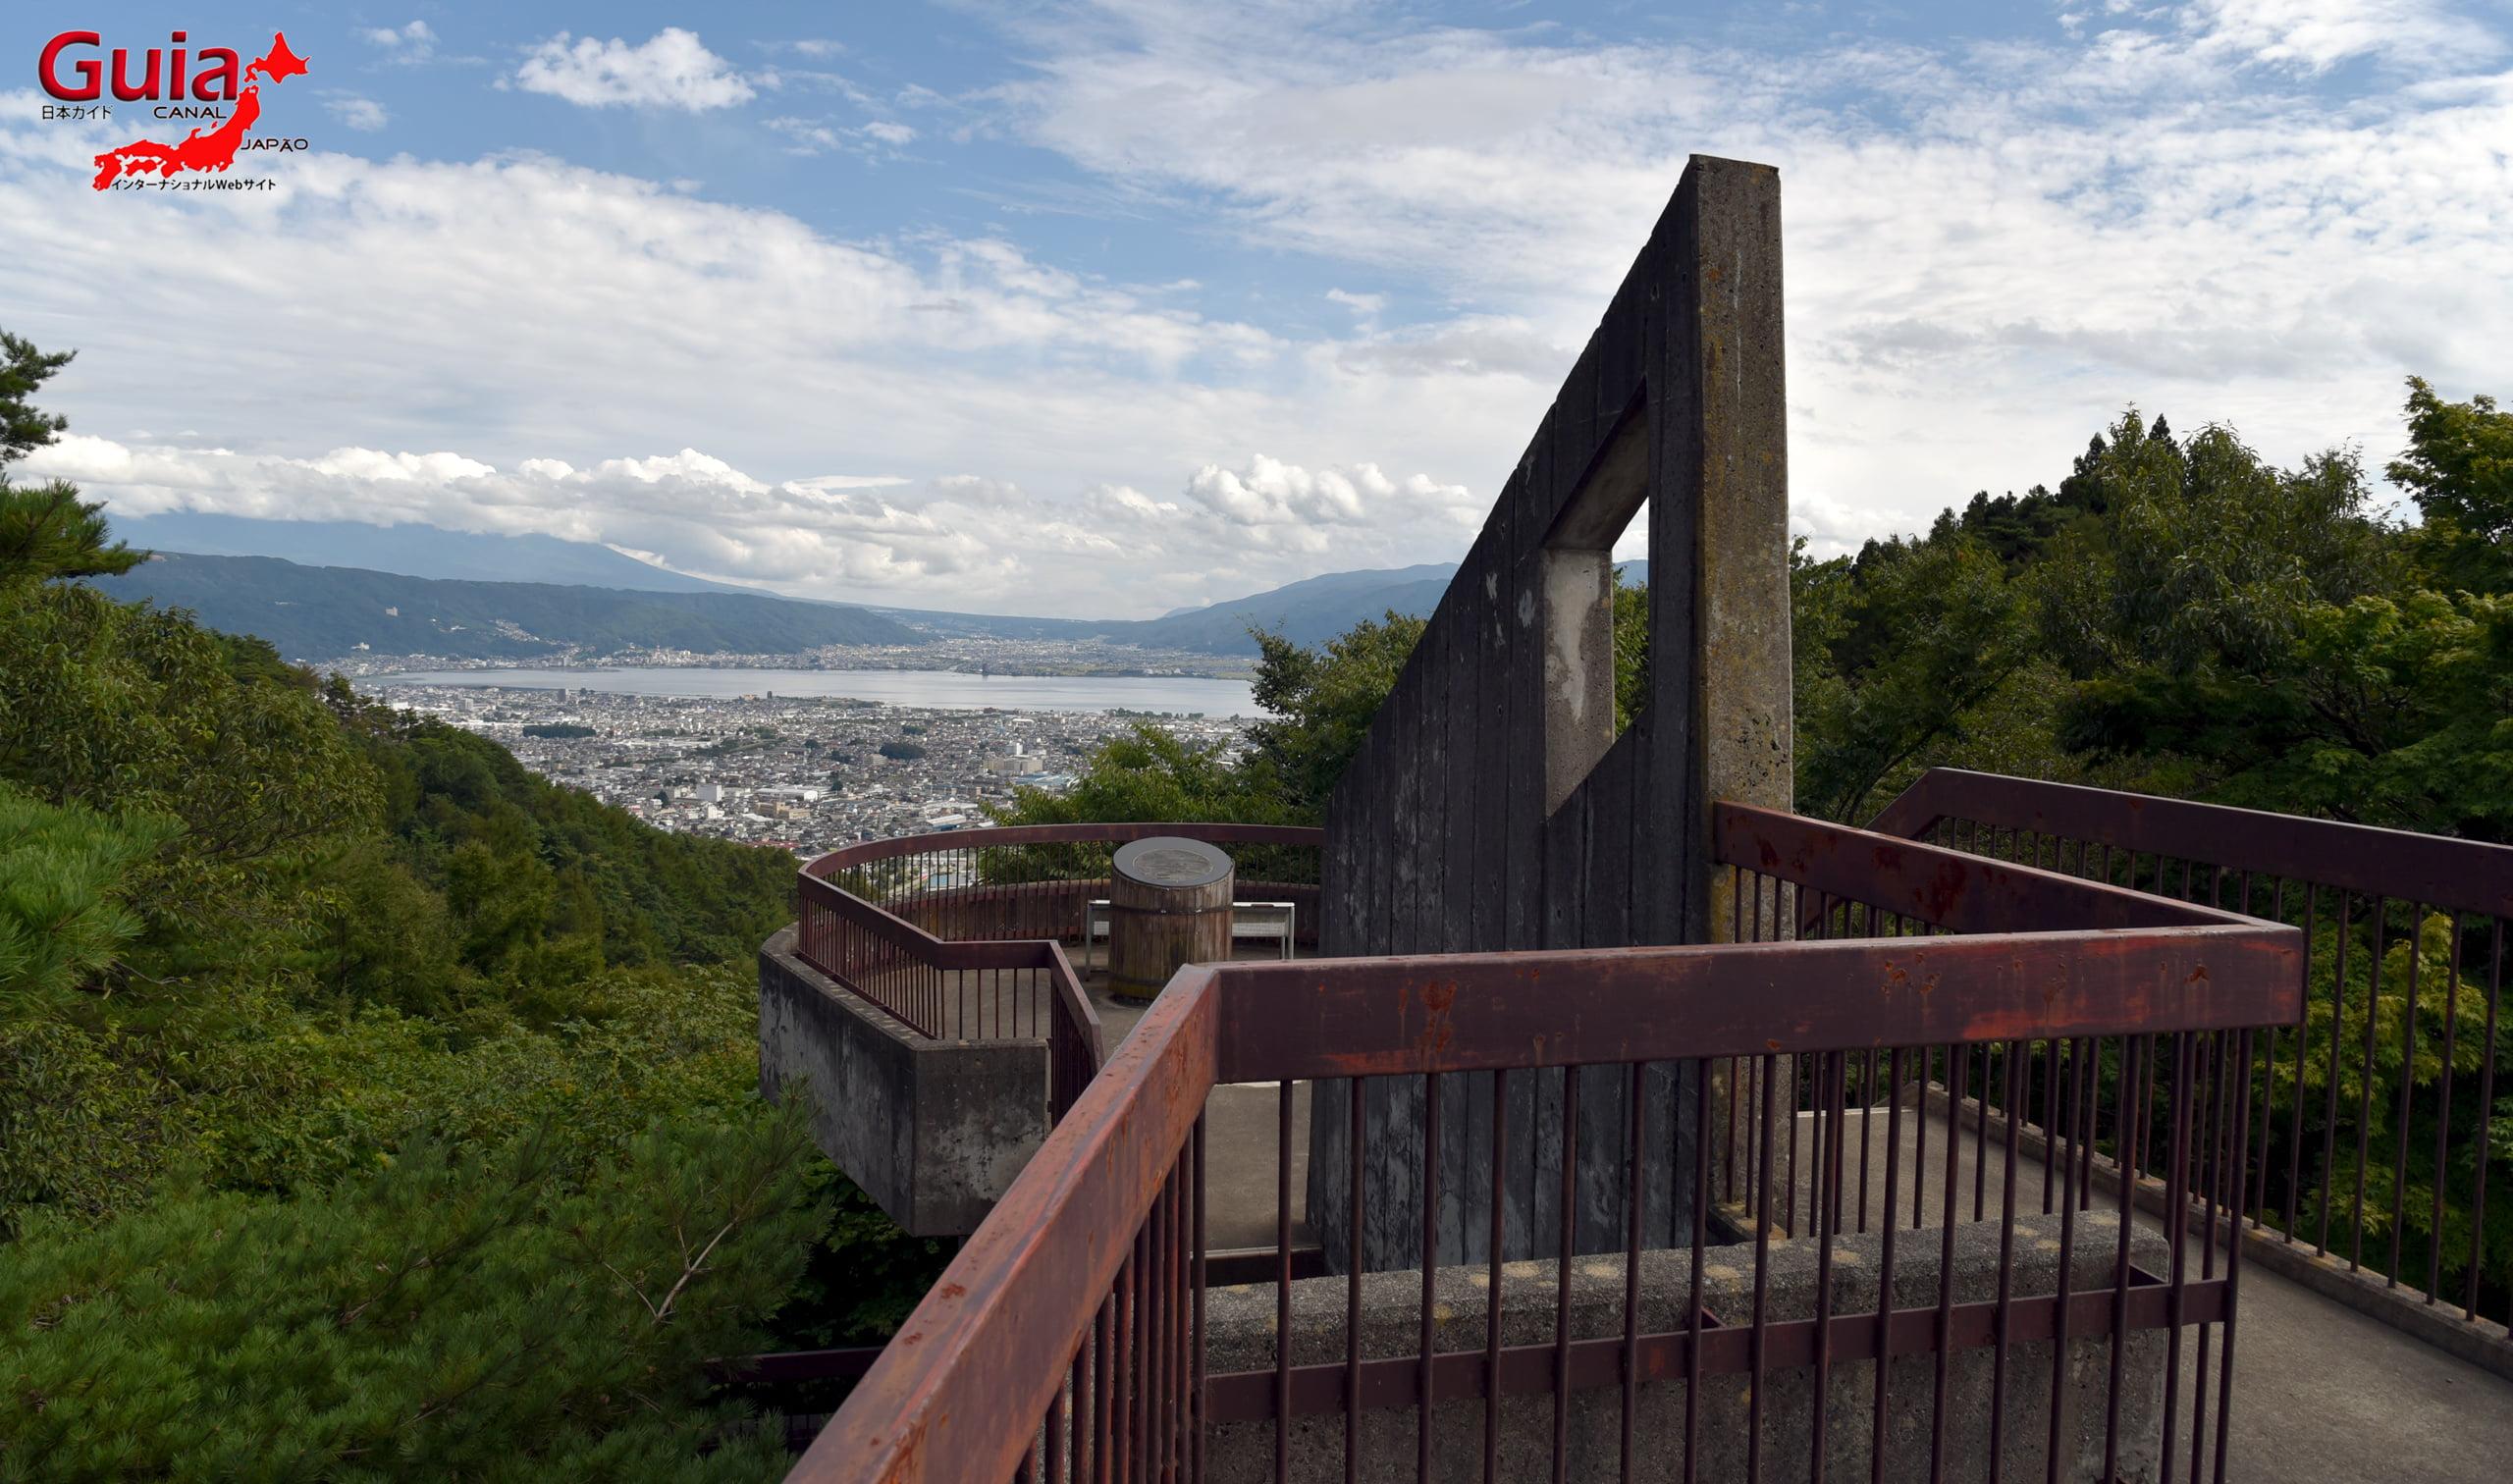 หอสังเกตการณ์ปาร์คเอนเรโอโนะดาจิ「ฟูจิมิได」 2